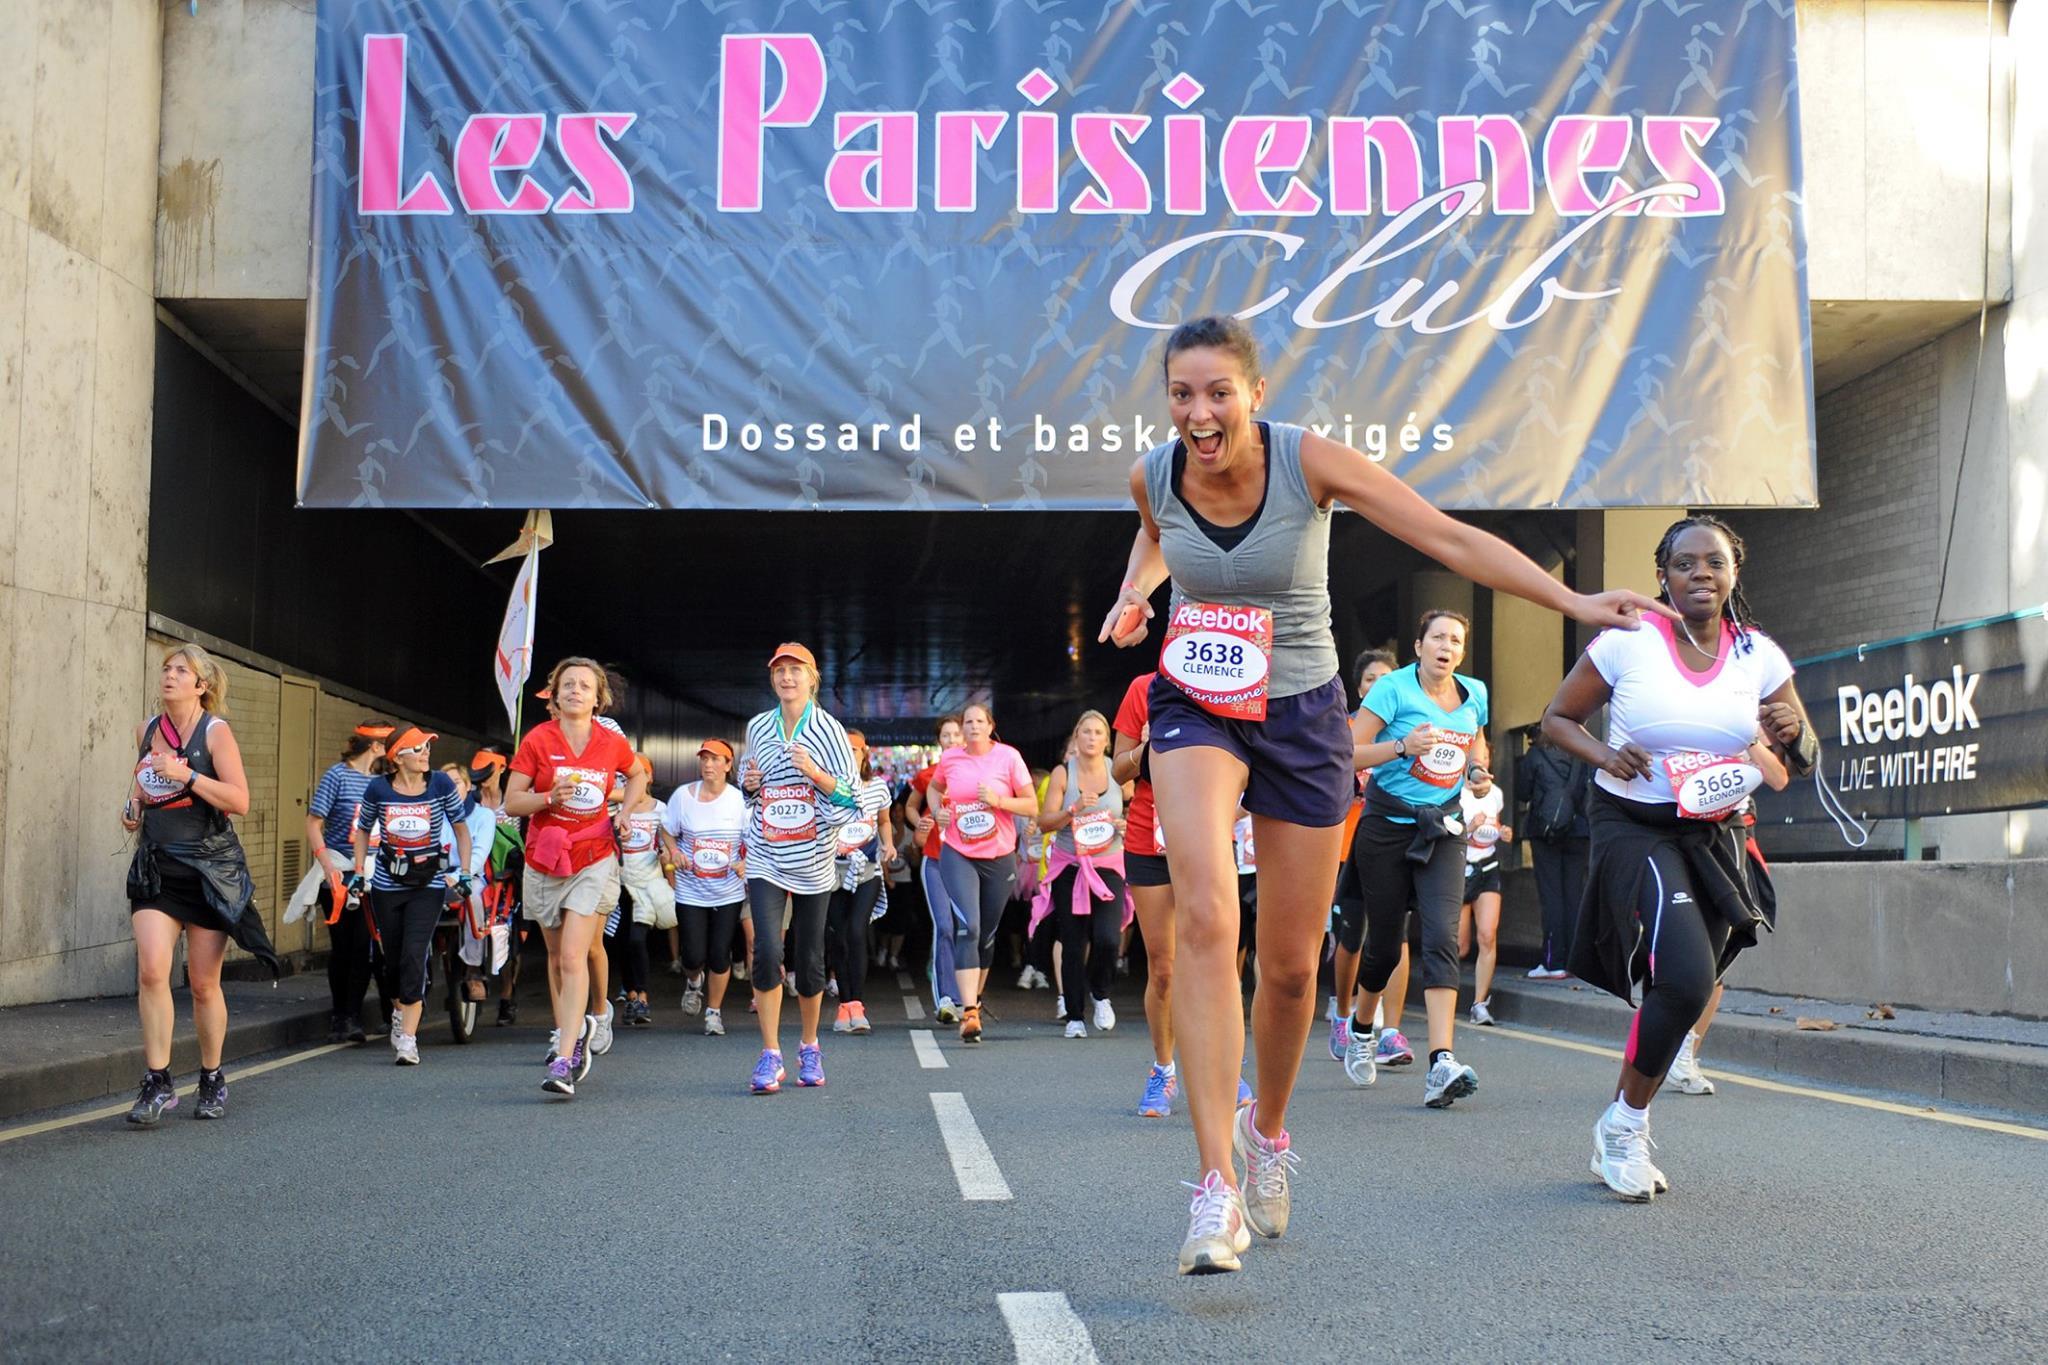 Womens marathon paris 2015